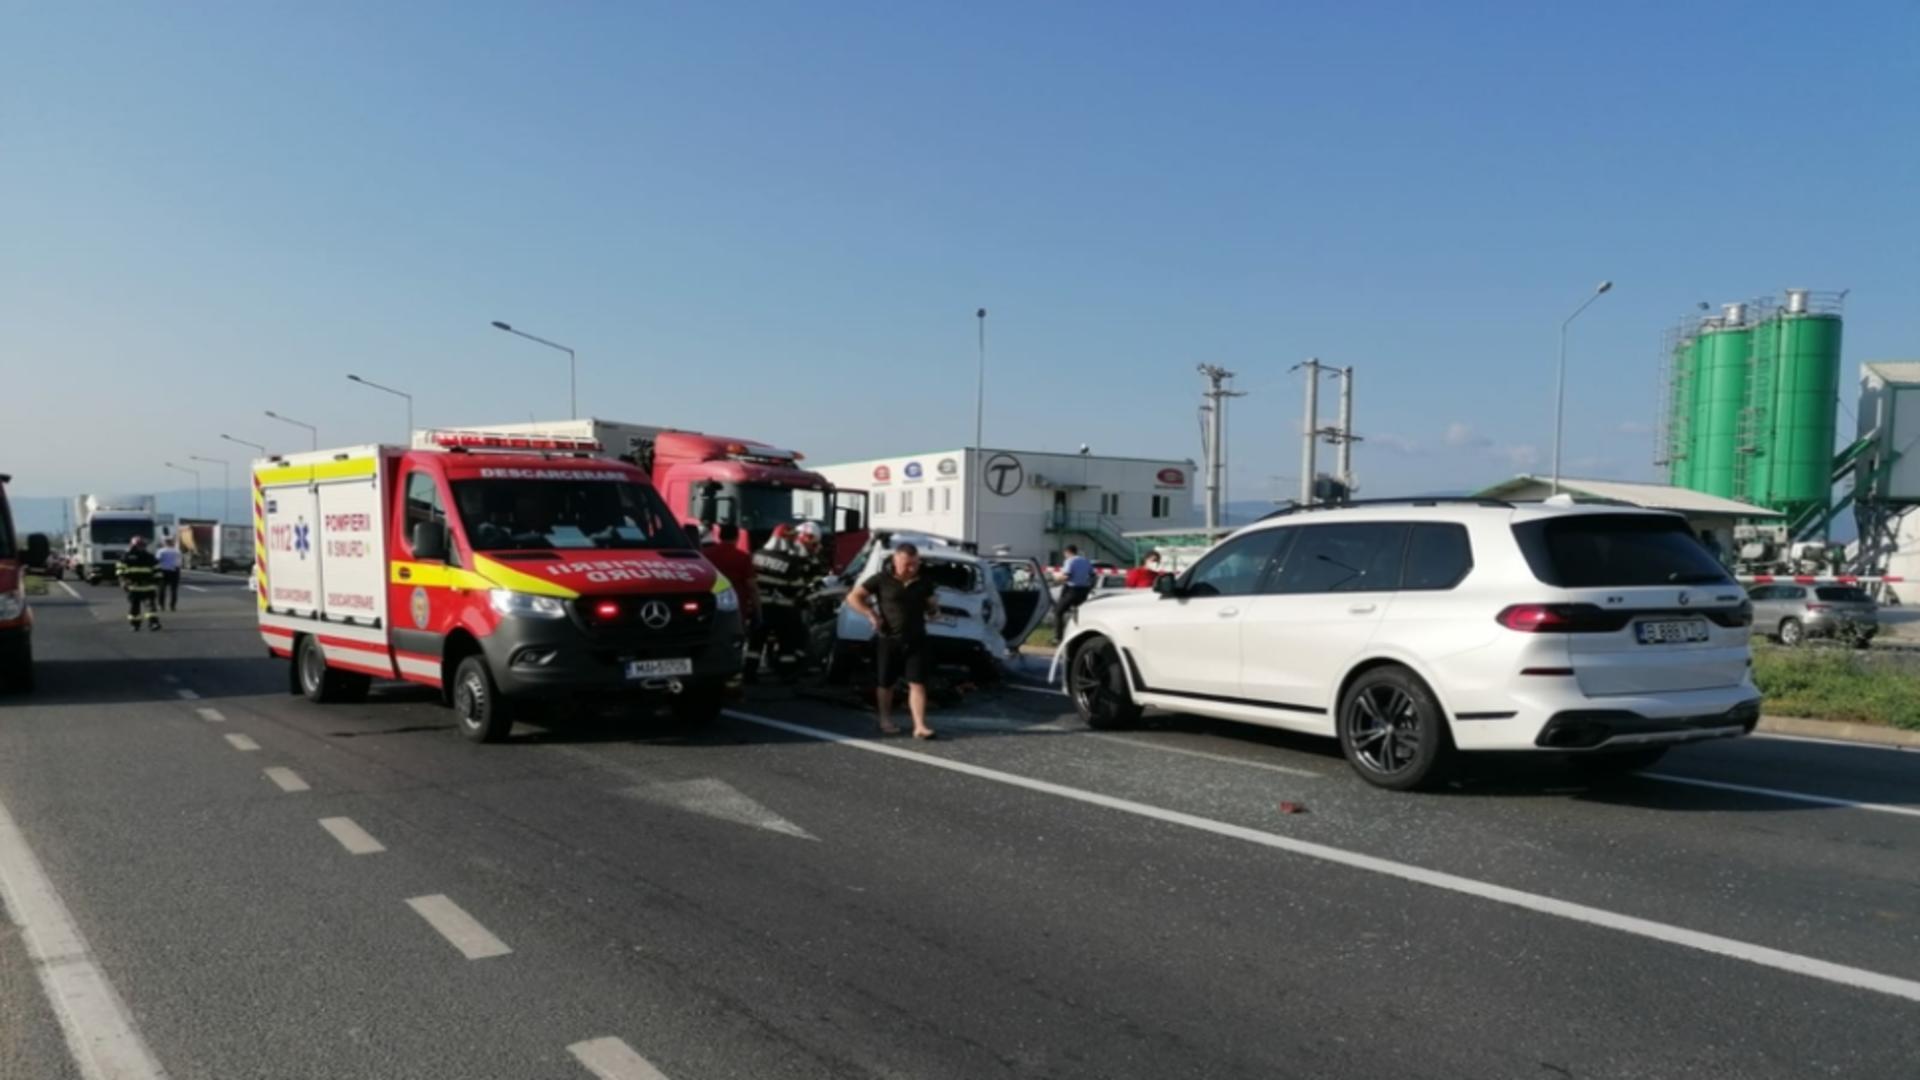 Tragedie, în Sibiu: accident cu 4 morți. Foto: Realitatea de Sibiu